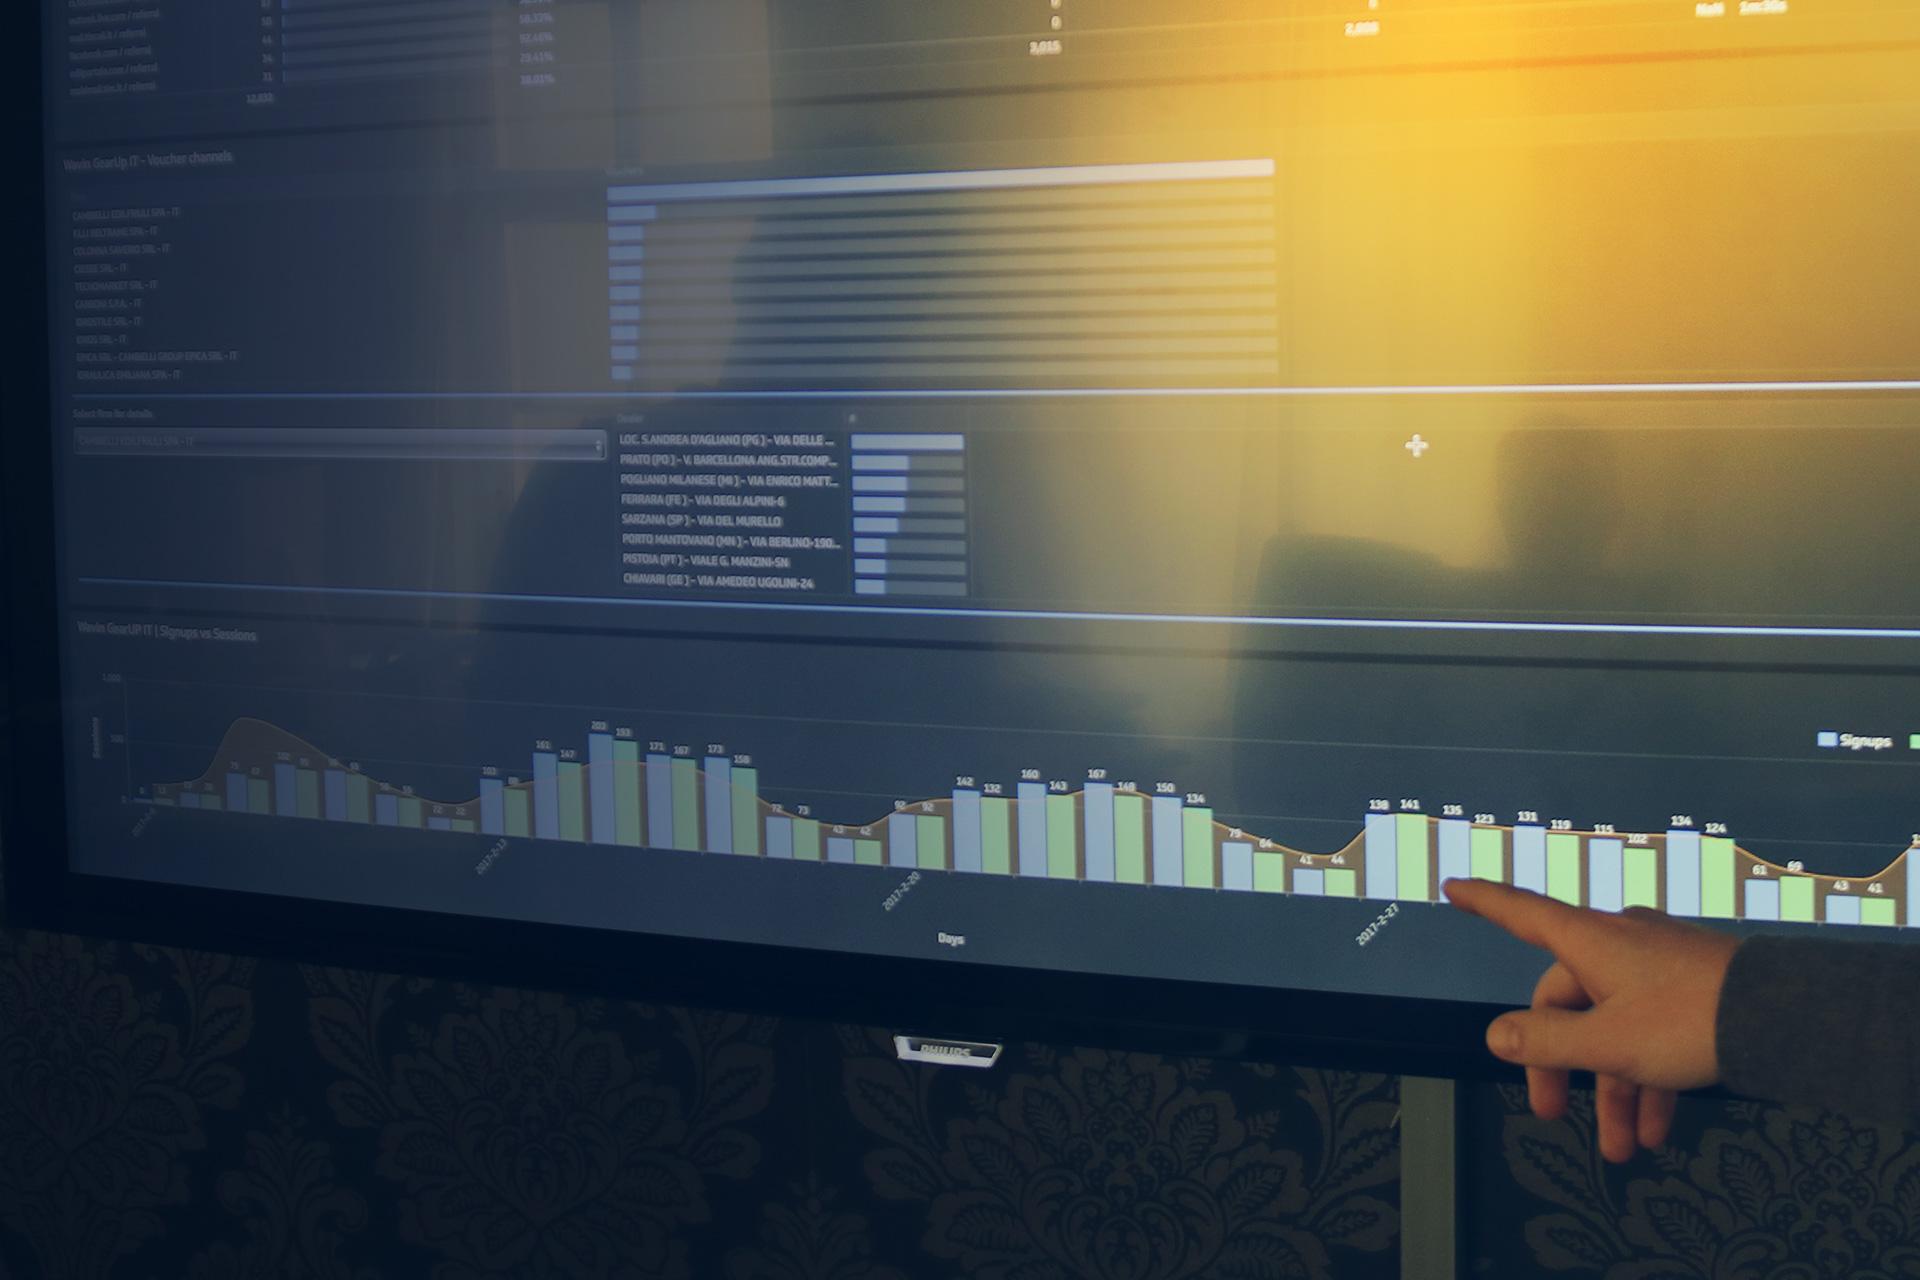 визуализация бизнес данных на большом тв экране